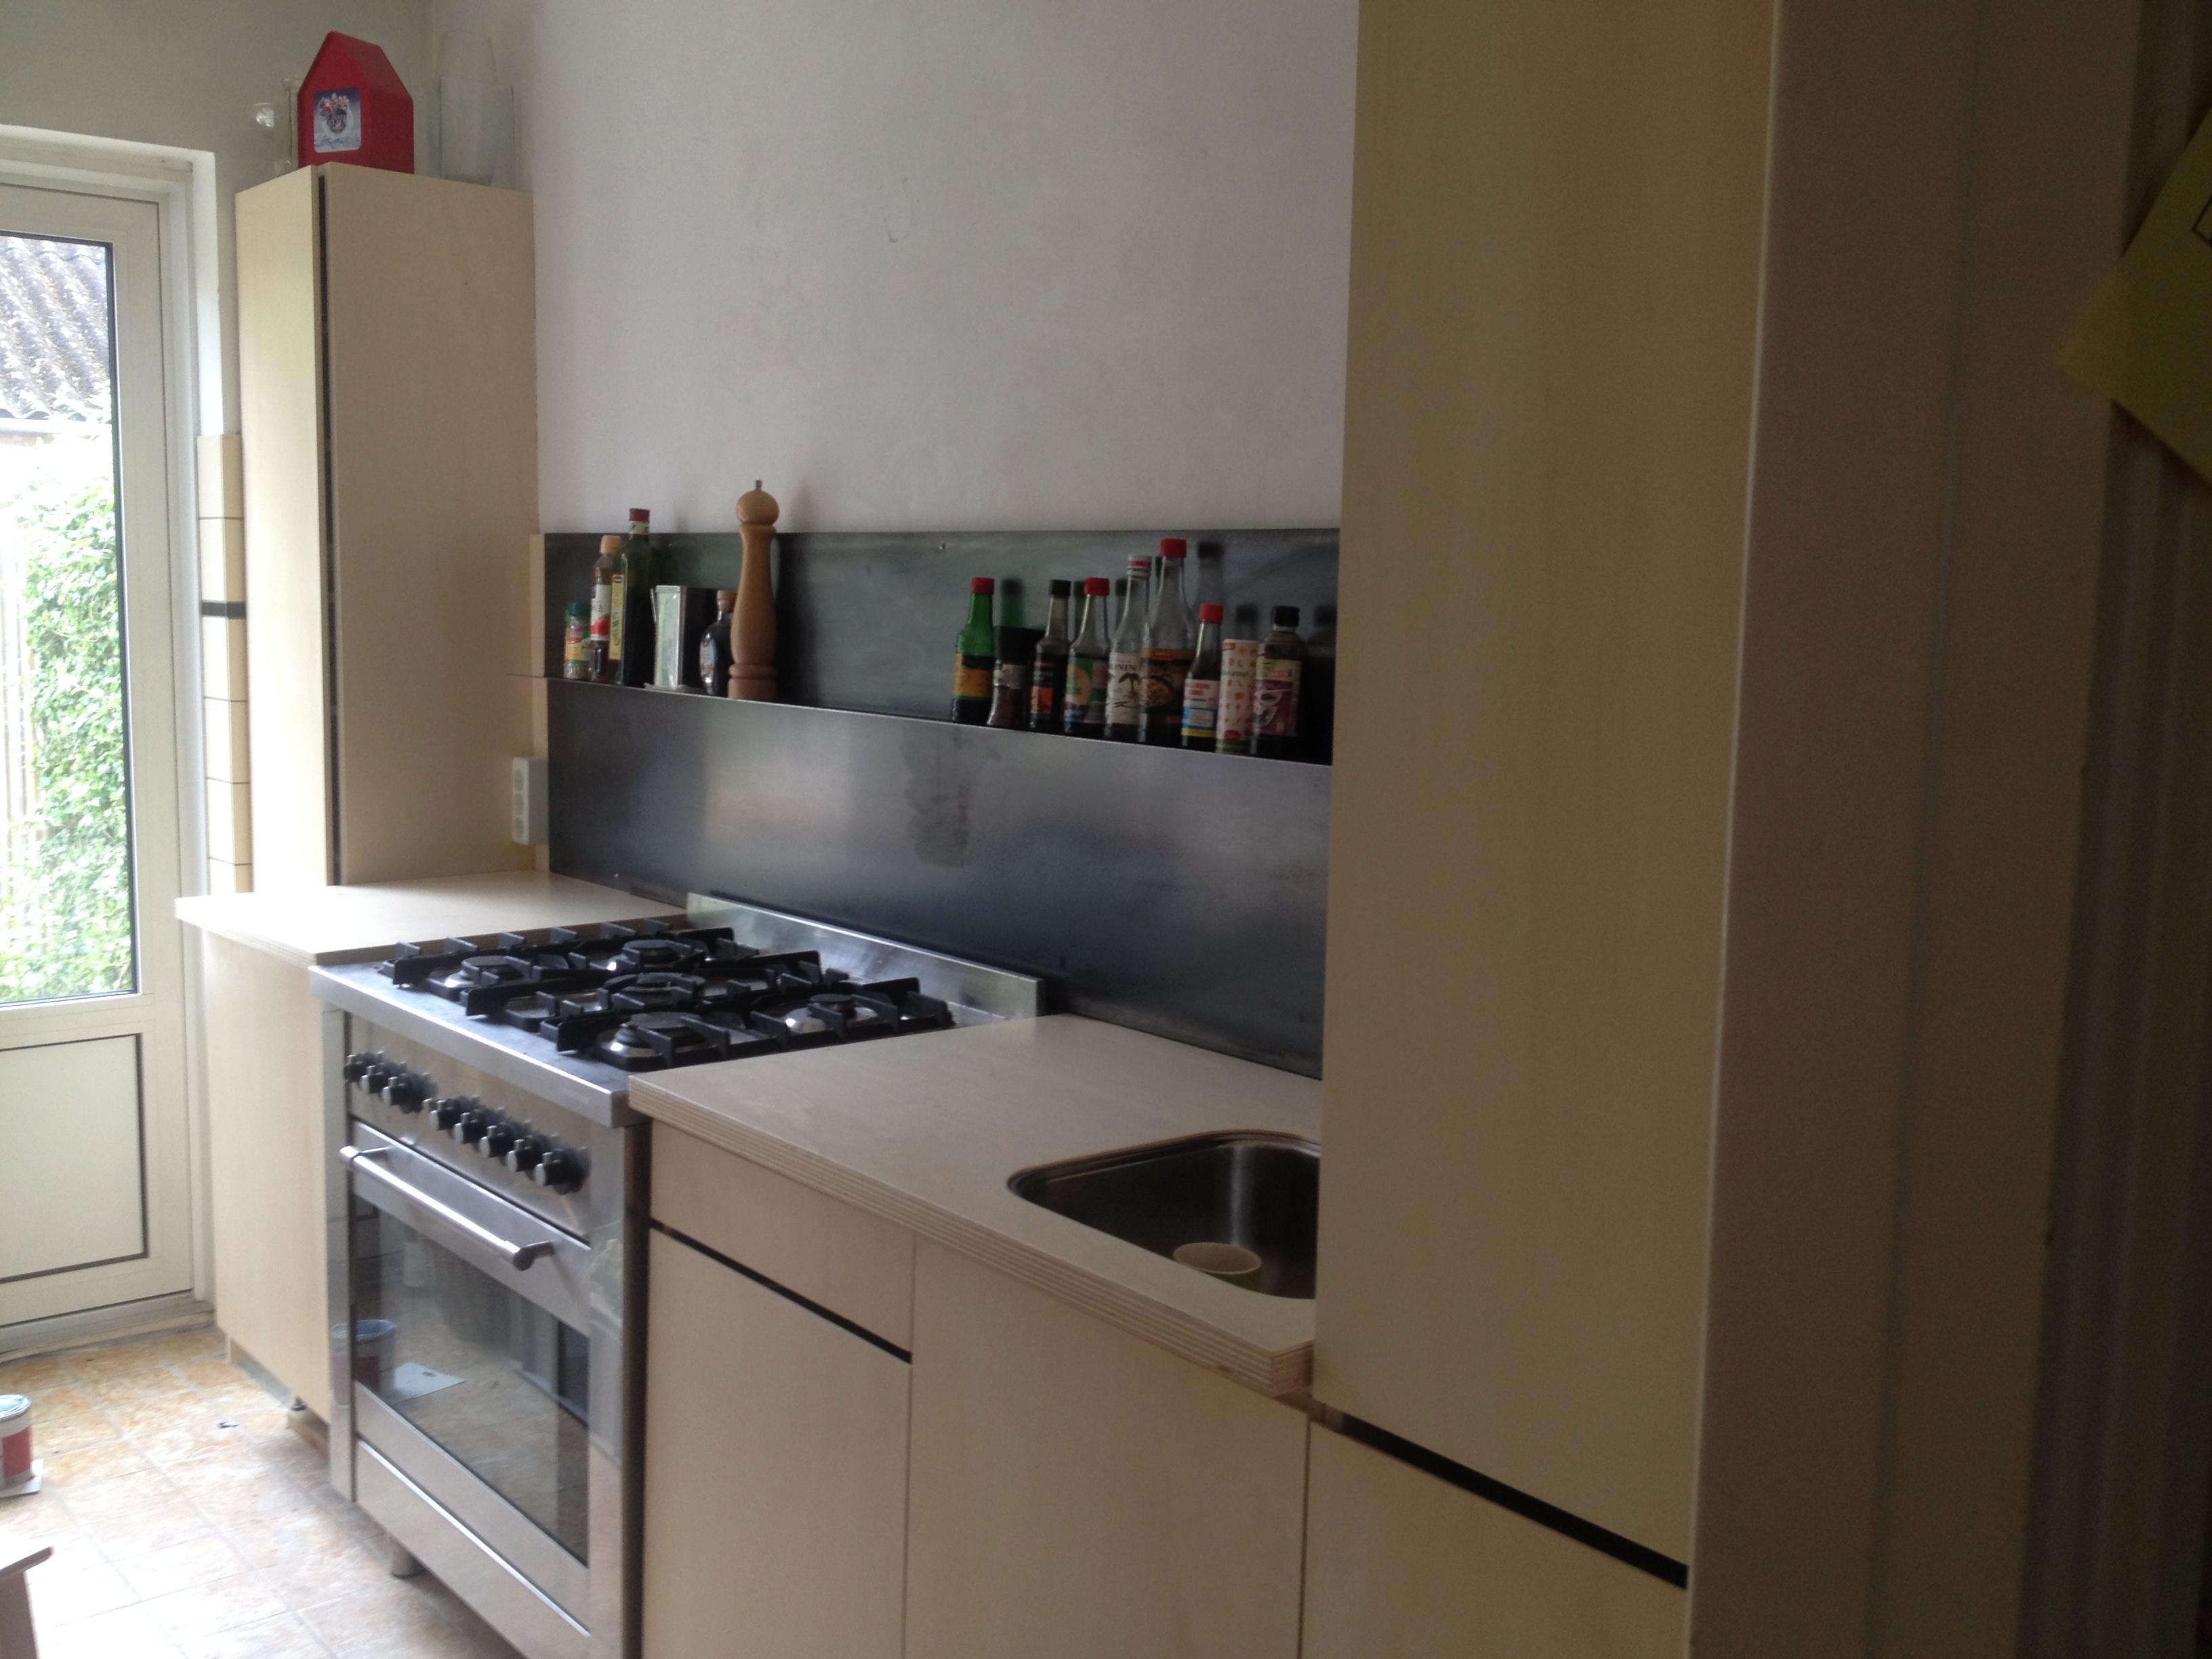 keuken van populieren multiplex in combinatie met staal